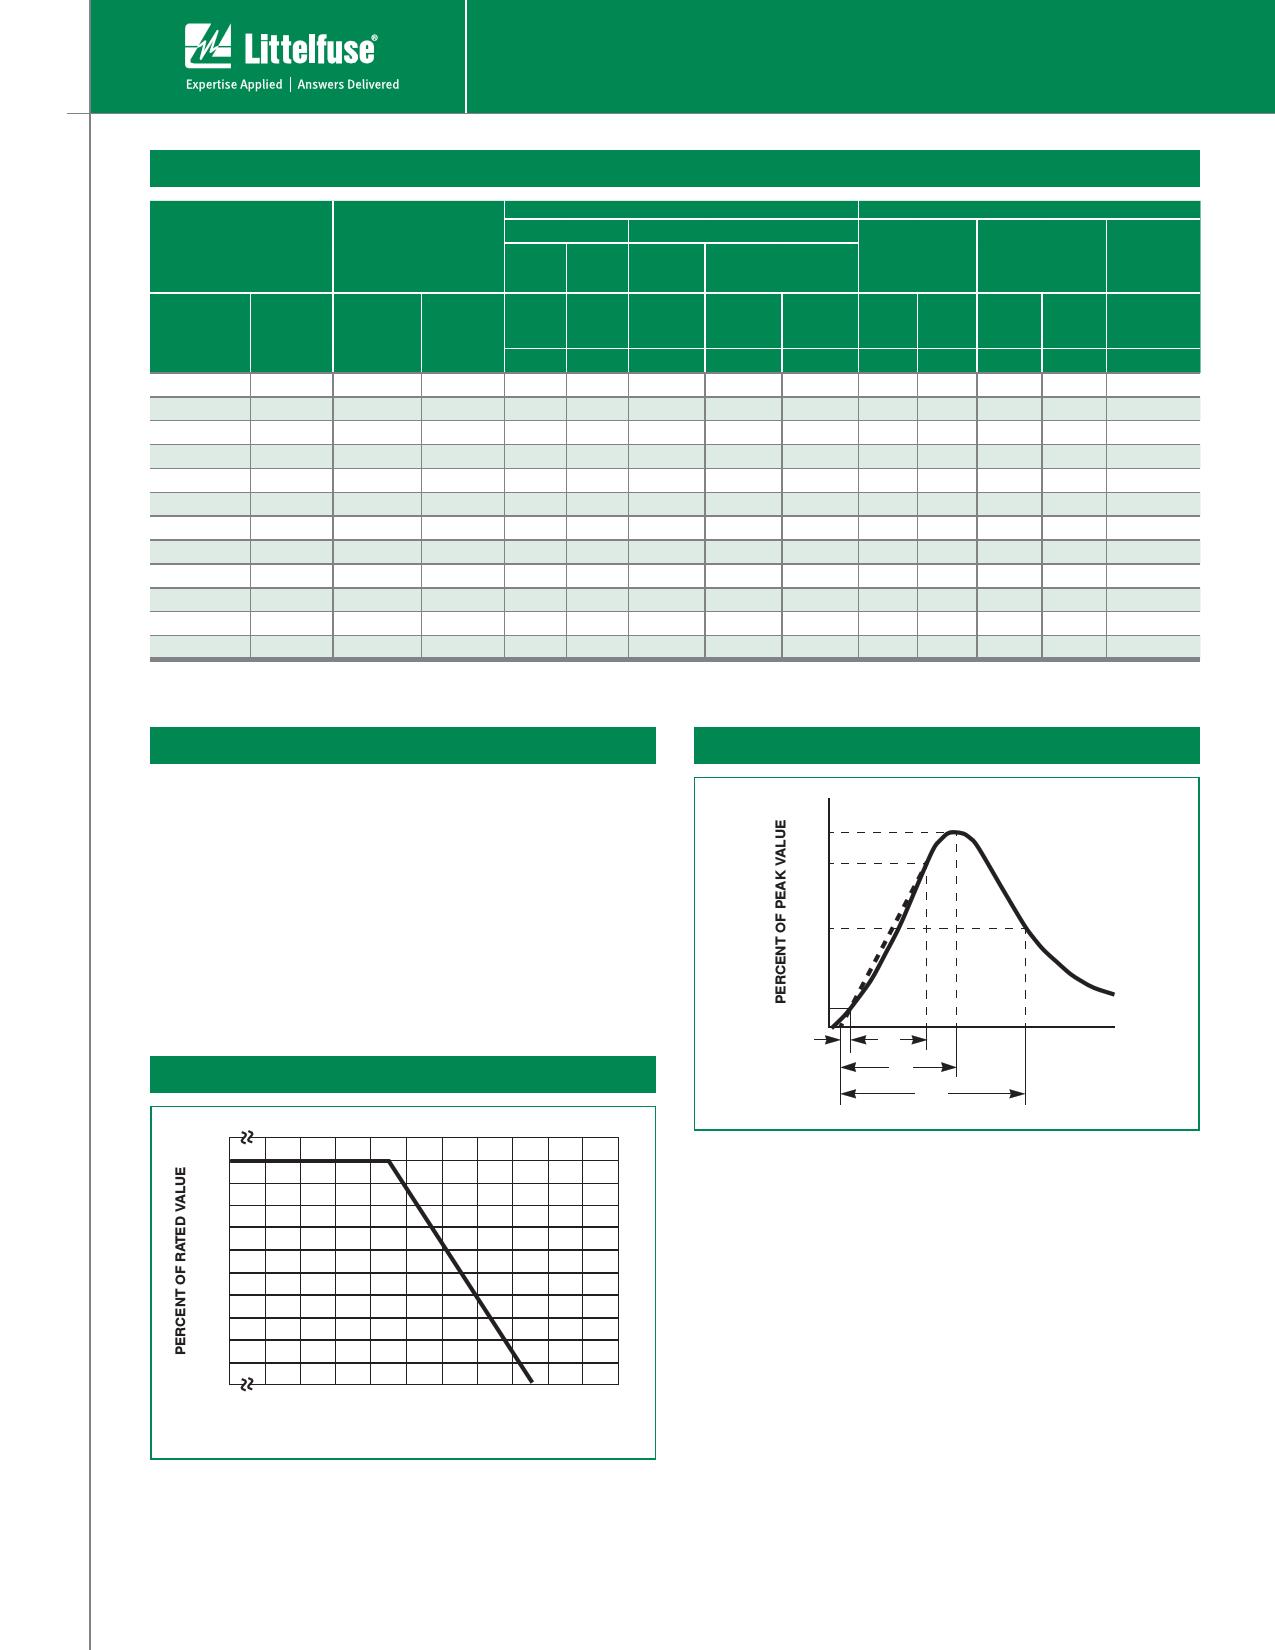 V07E130P pdf, 電子部品, 半導体, ピン配列